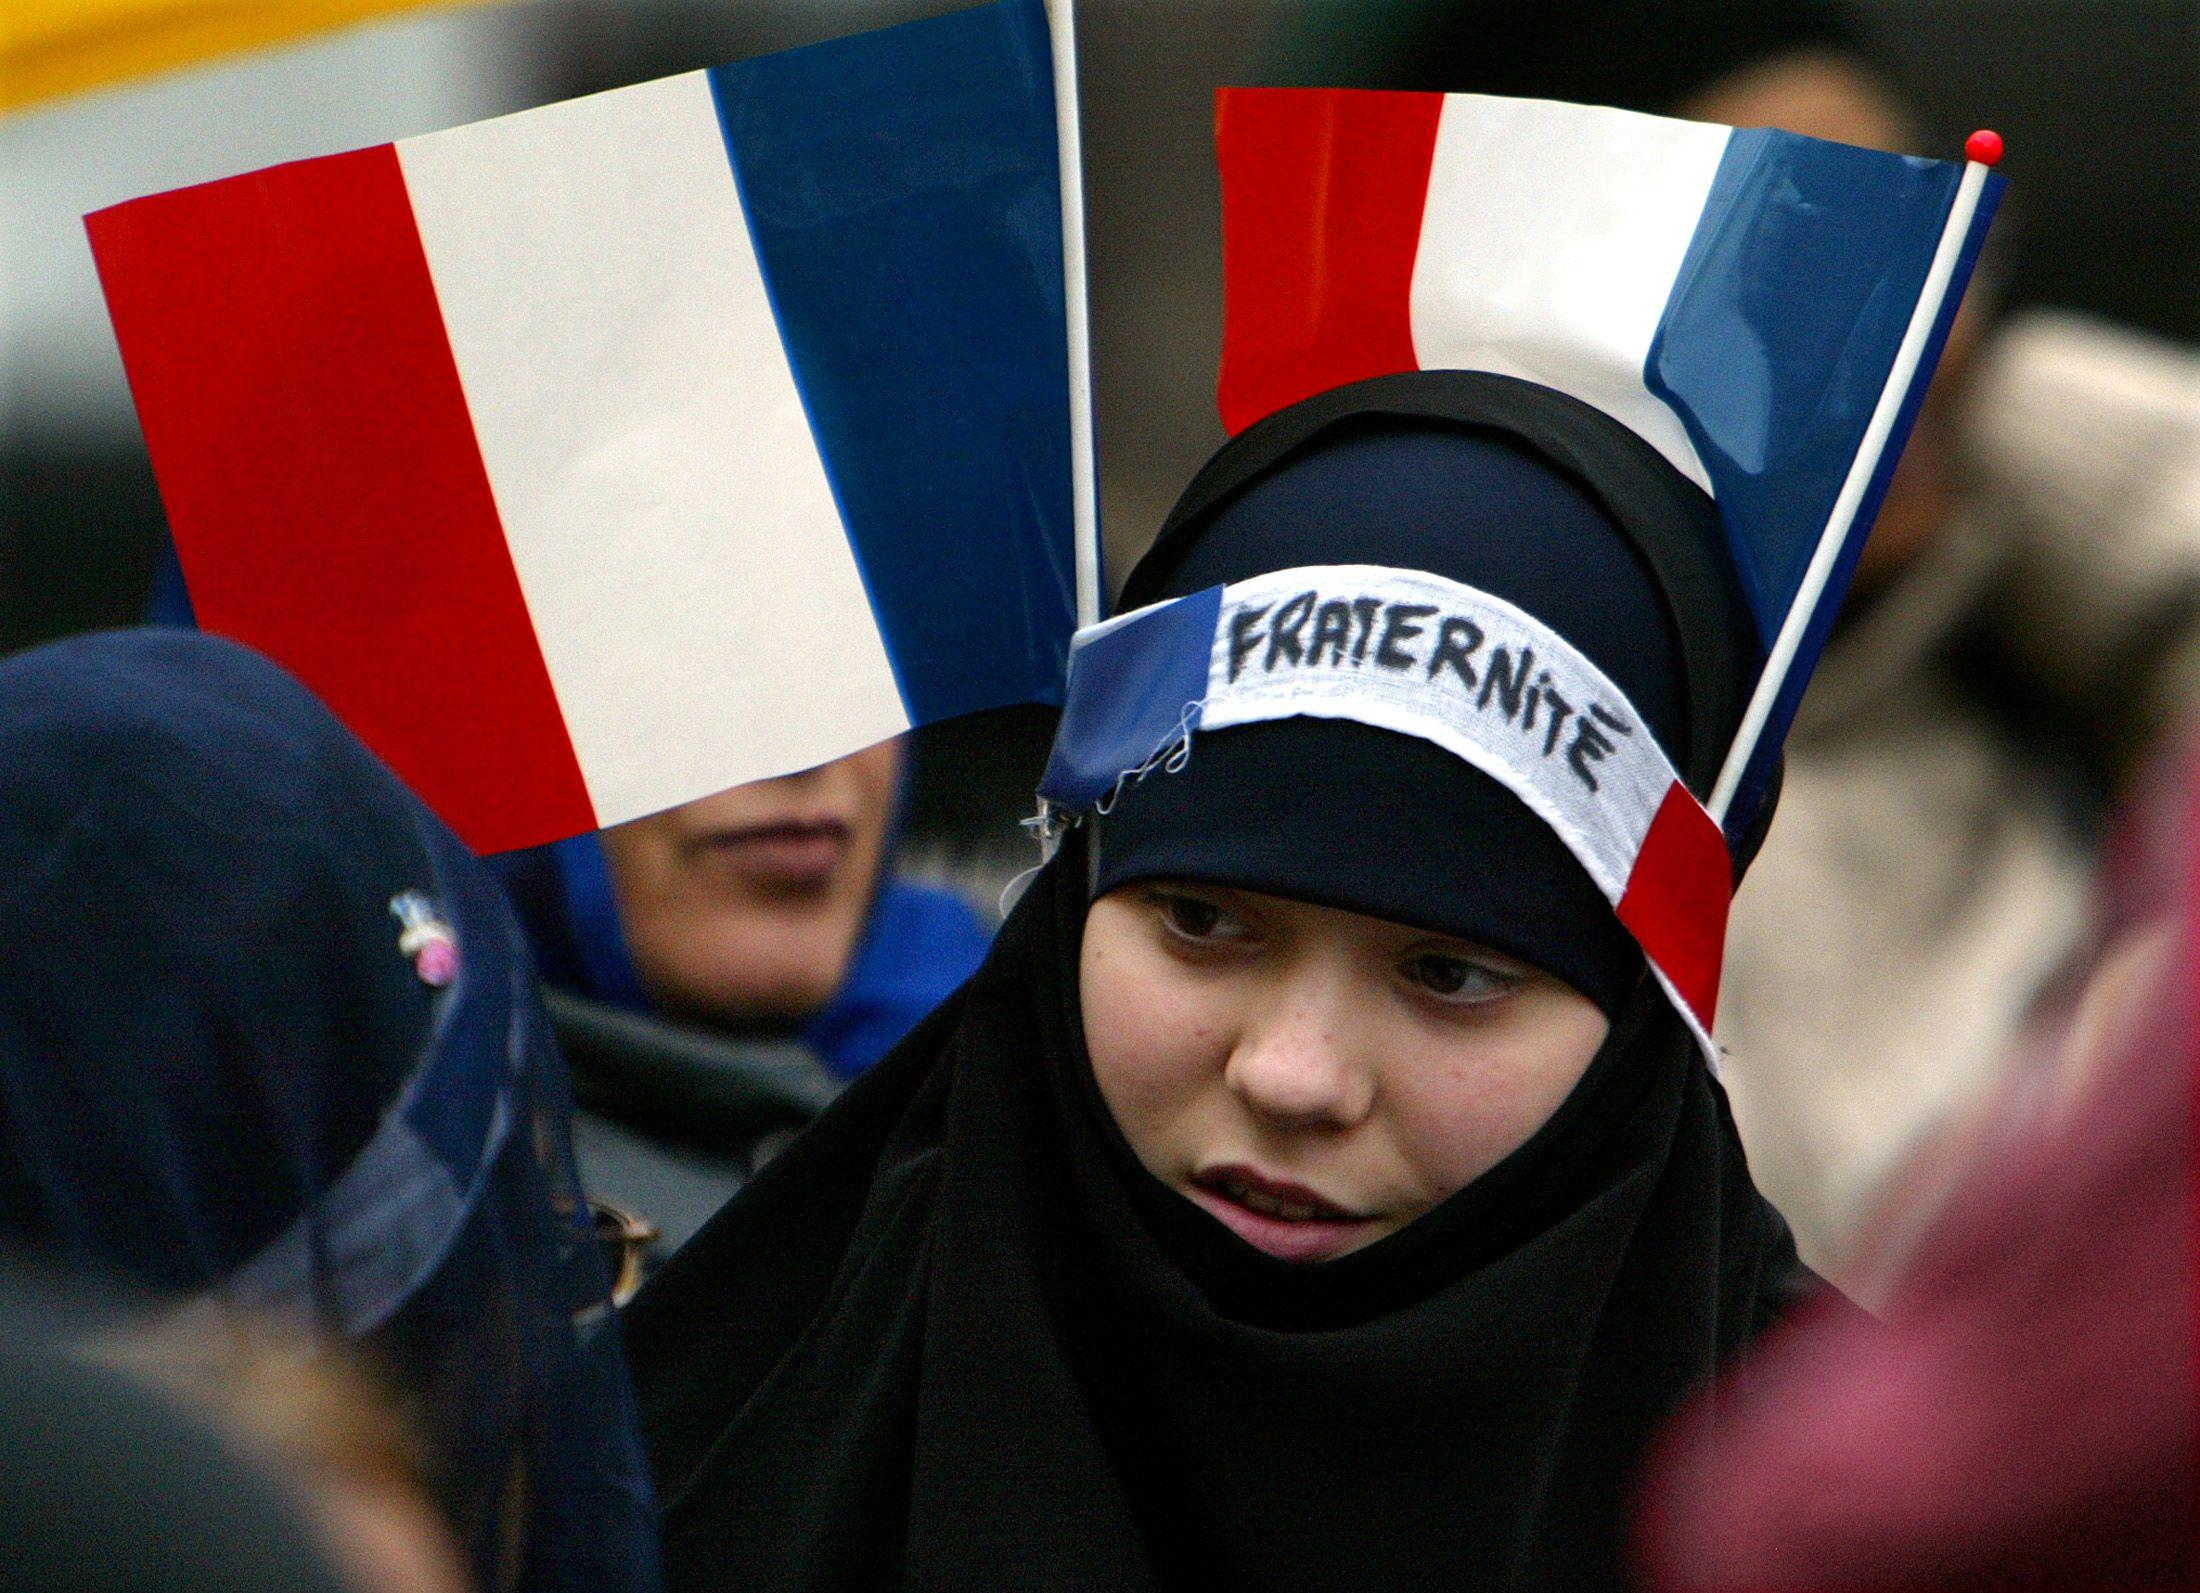 Les différents responsables de l'islam de France unis contre le terrorisme